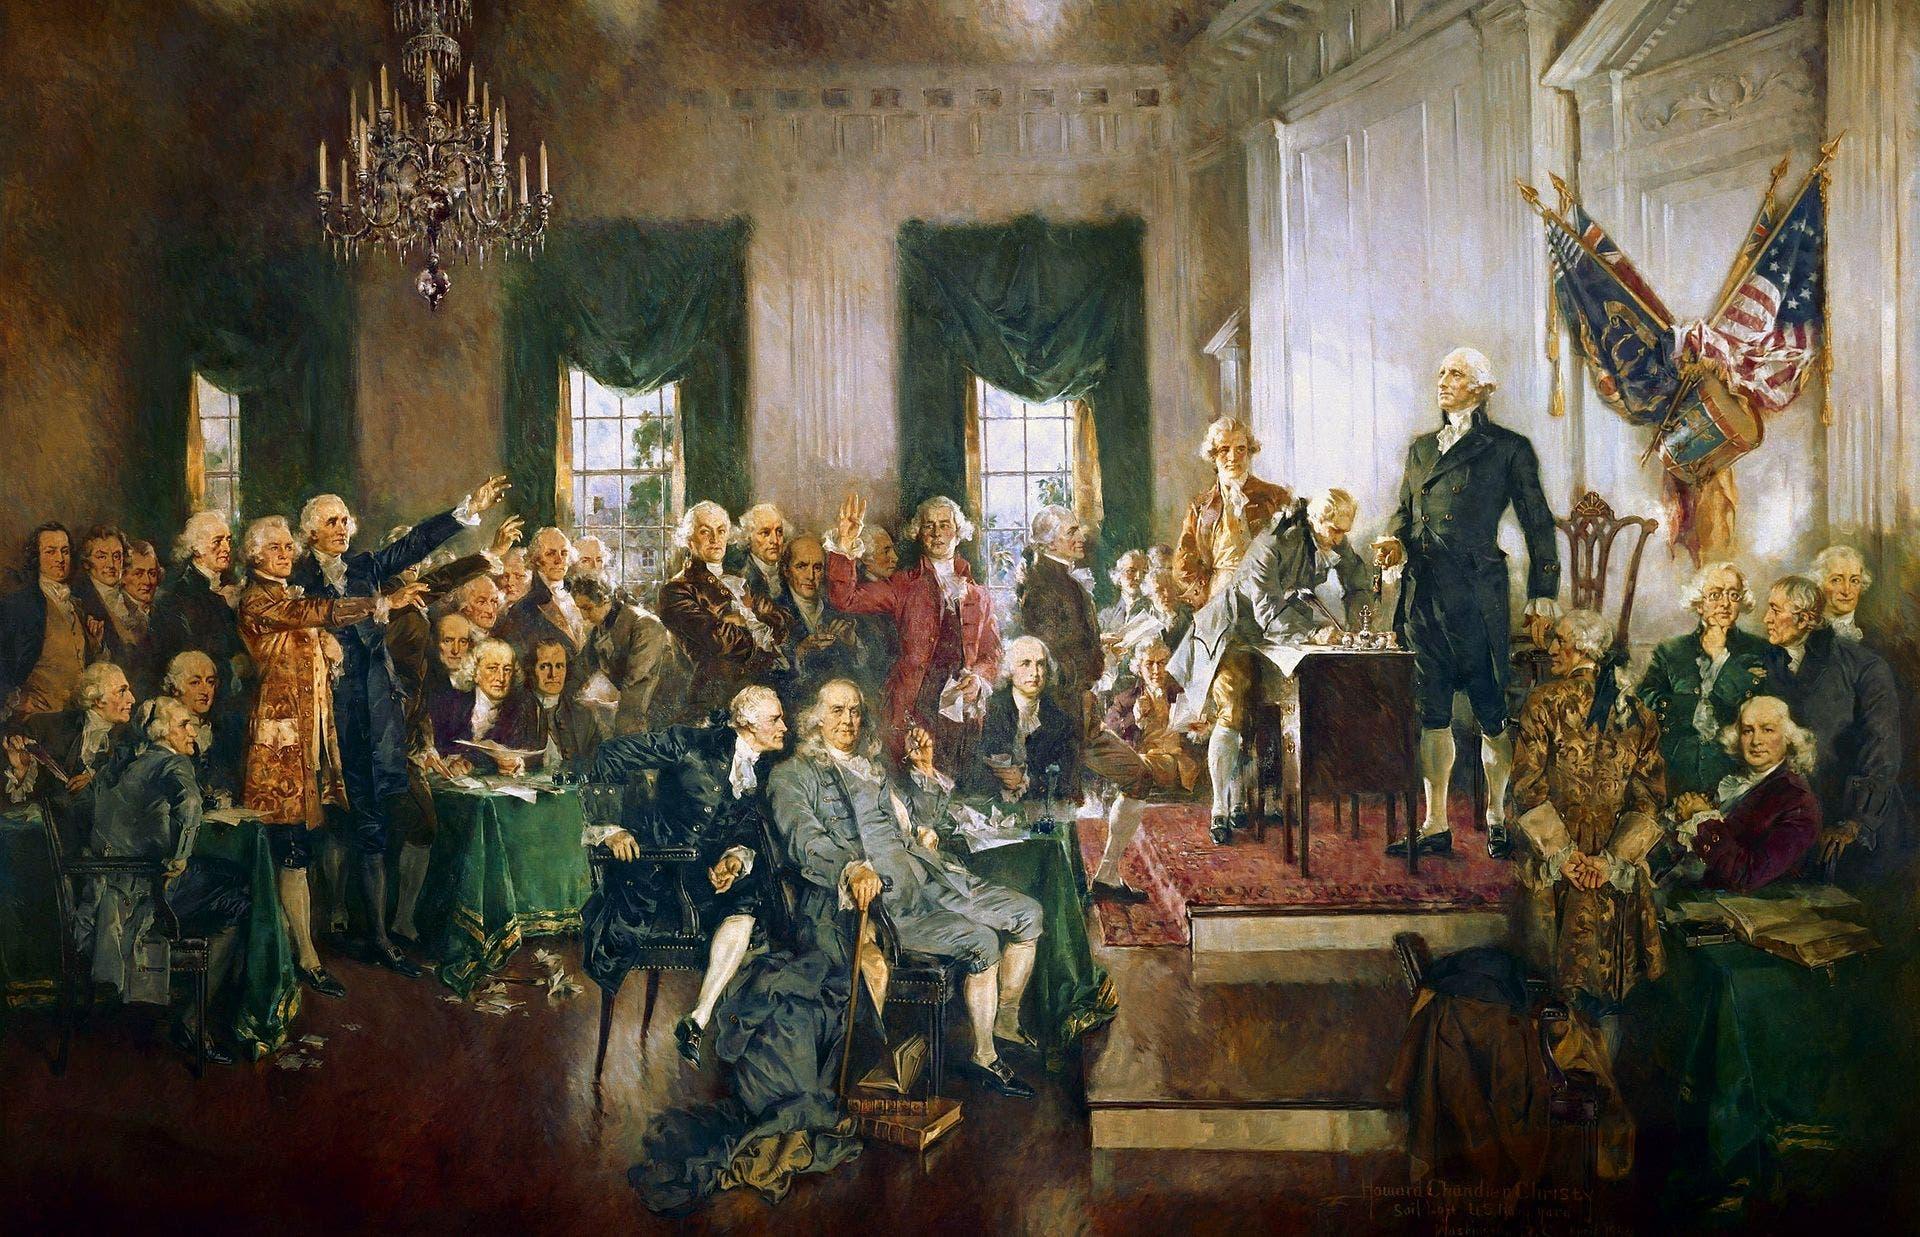 لوحة تجسد توقيع دستور الولايات المتحدة الأميركية